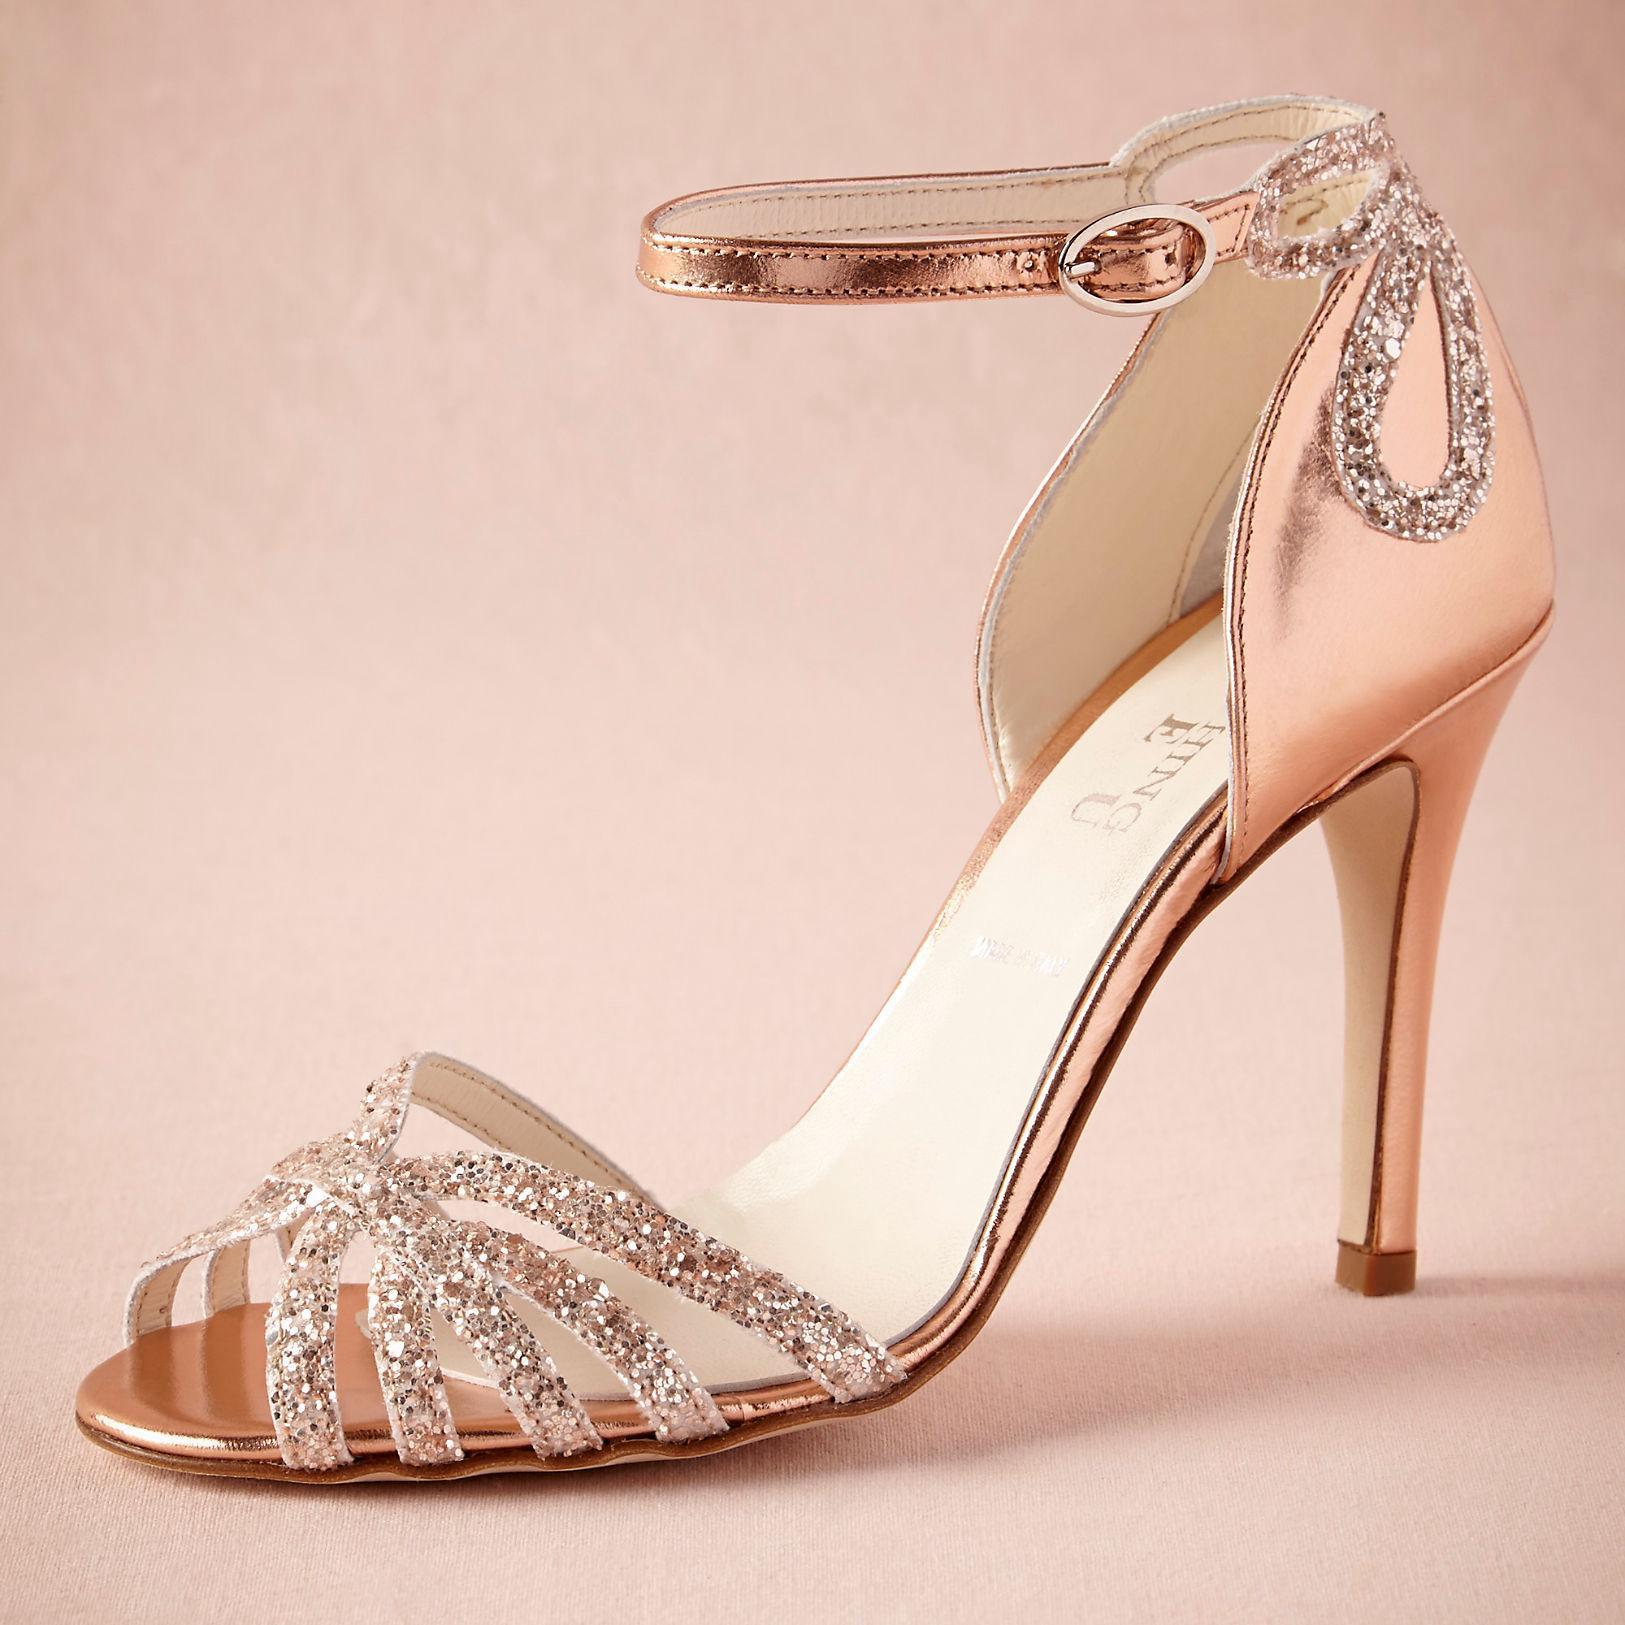 Grosshandel Rose Gold Glittered Heel Echte Hochzeit Schuhe Pumps